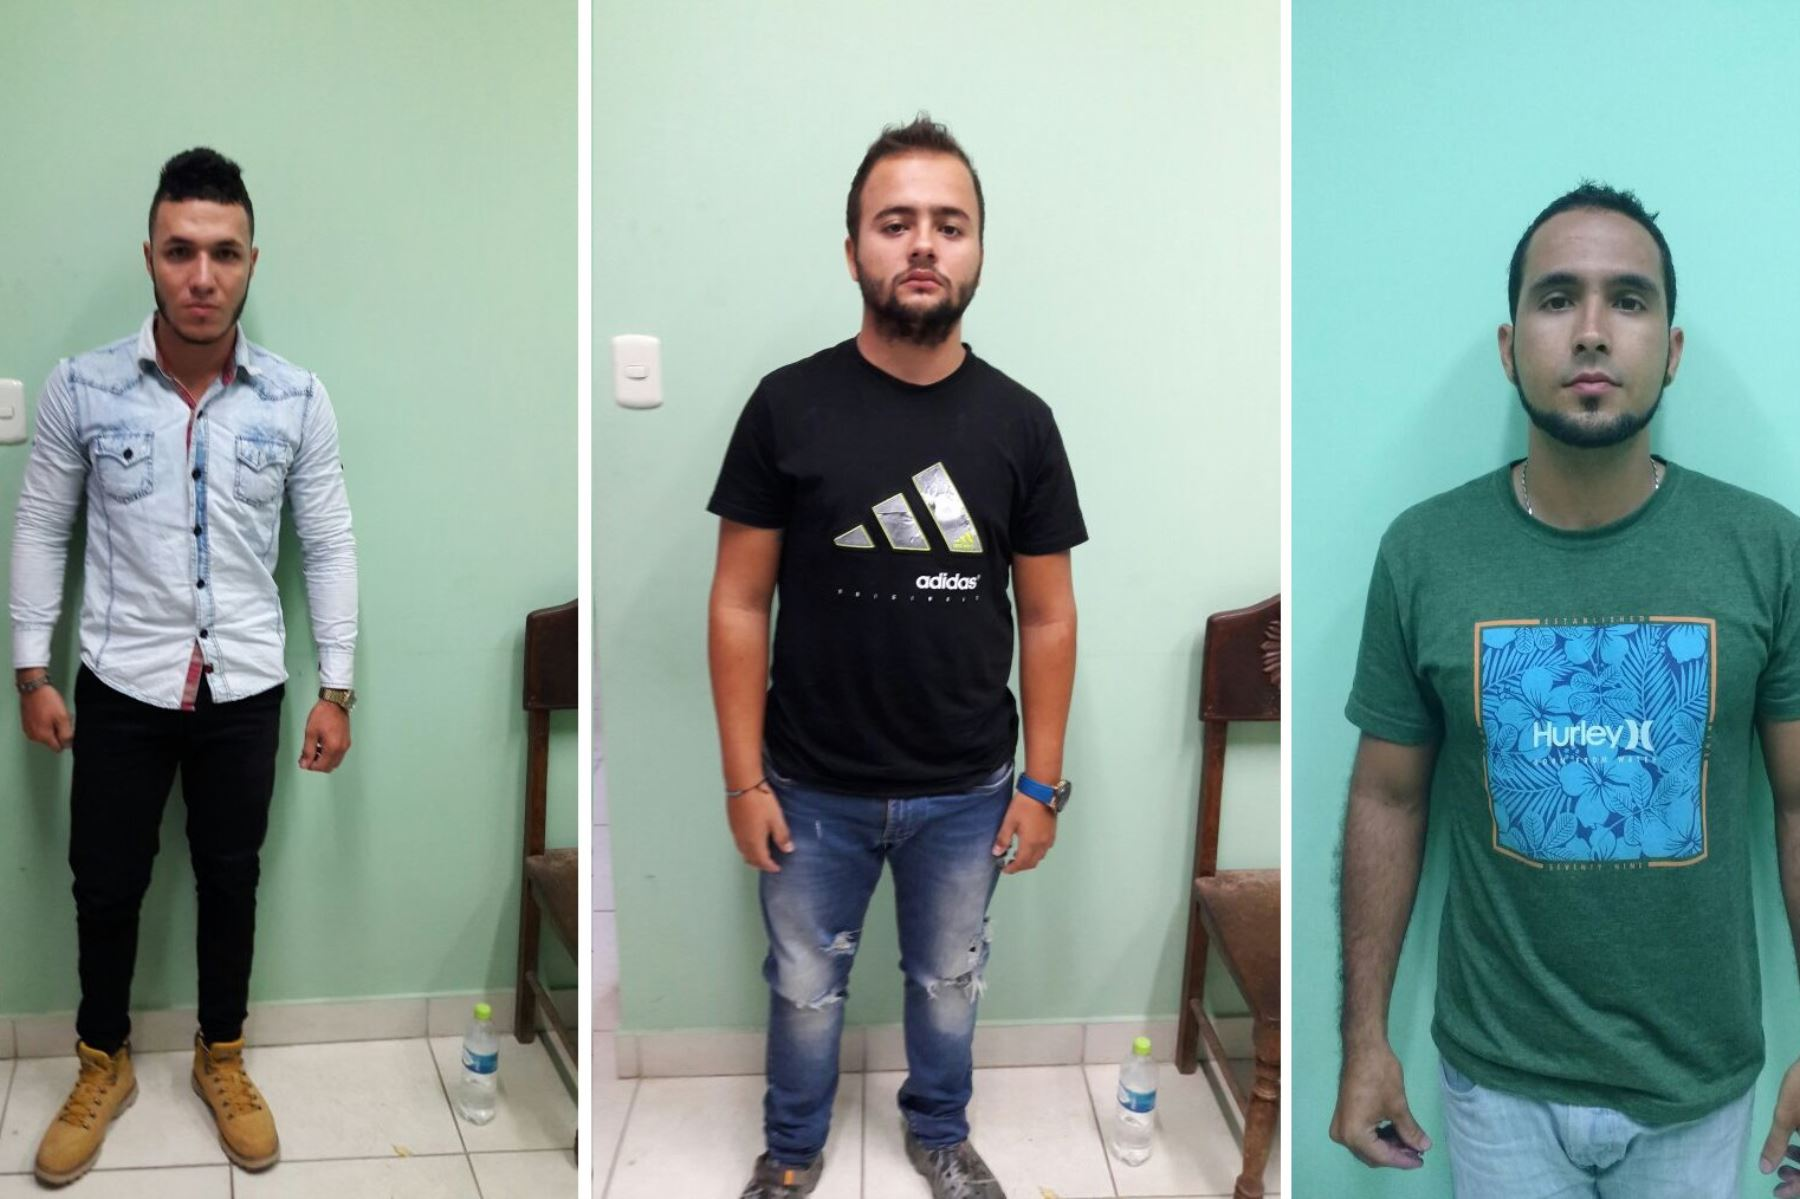 Perú expulsa a seis extranjeros tras ser acusados de extorsión